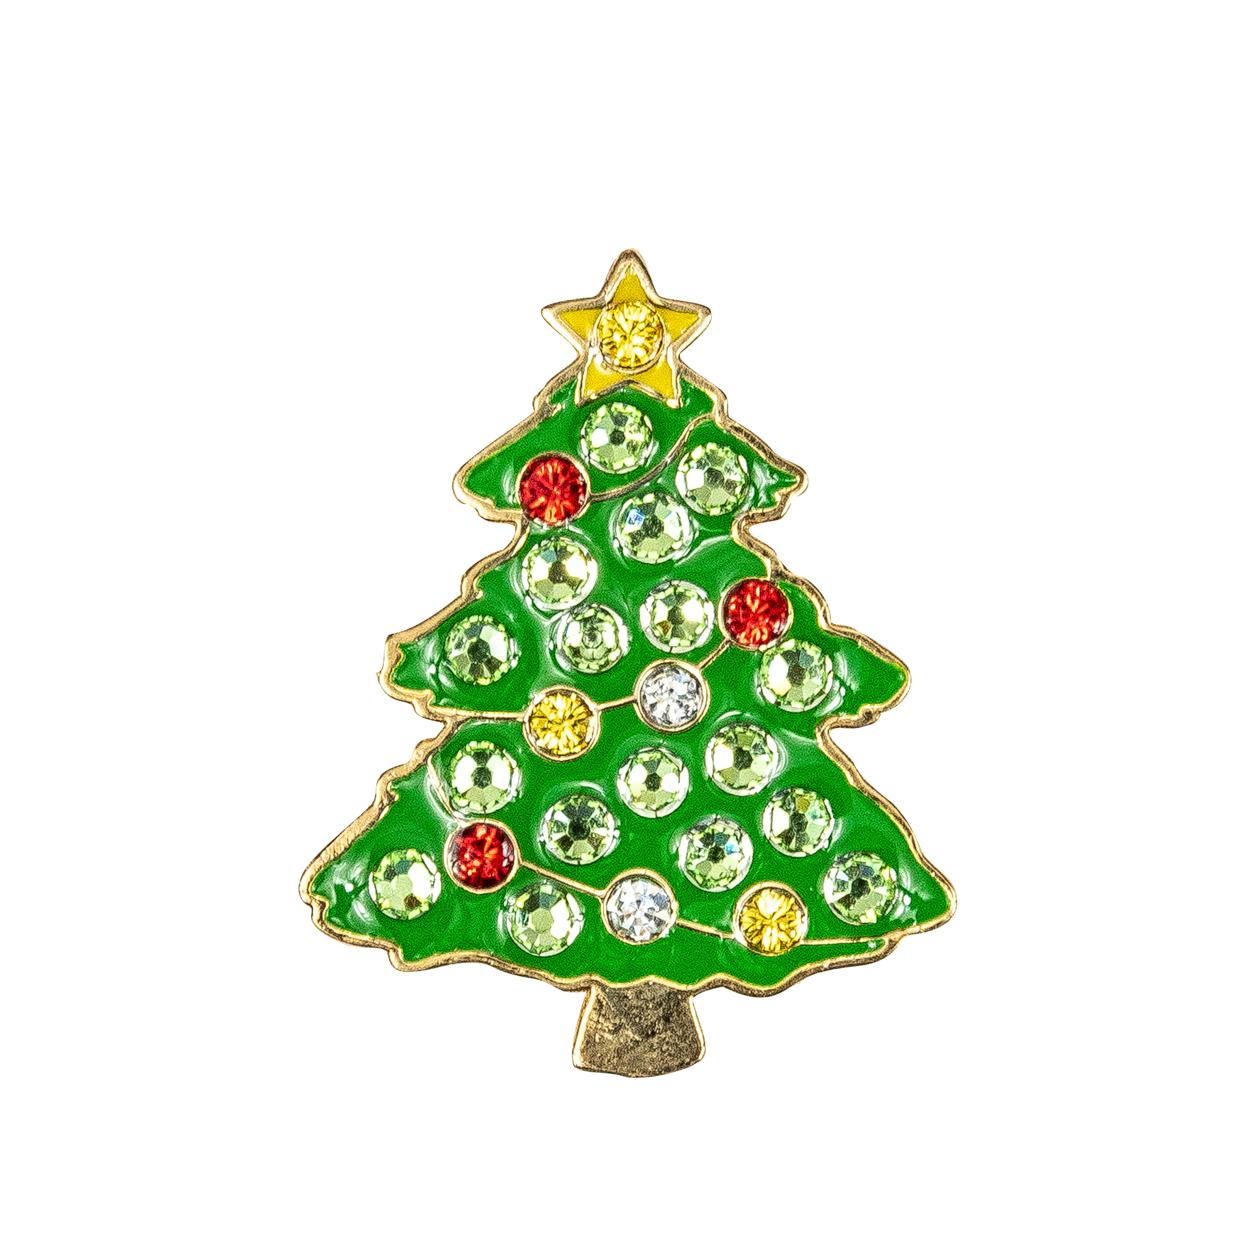 153. Xmas Tree